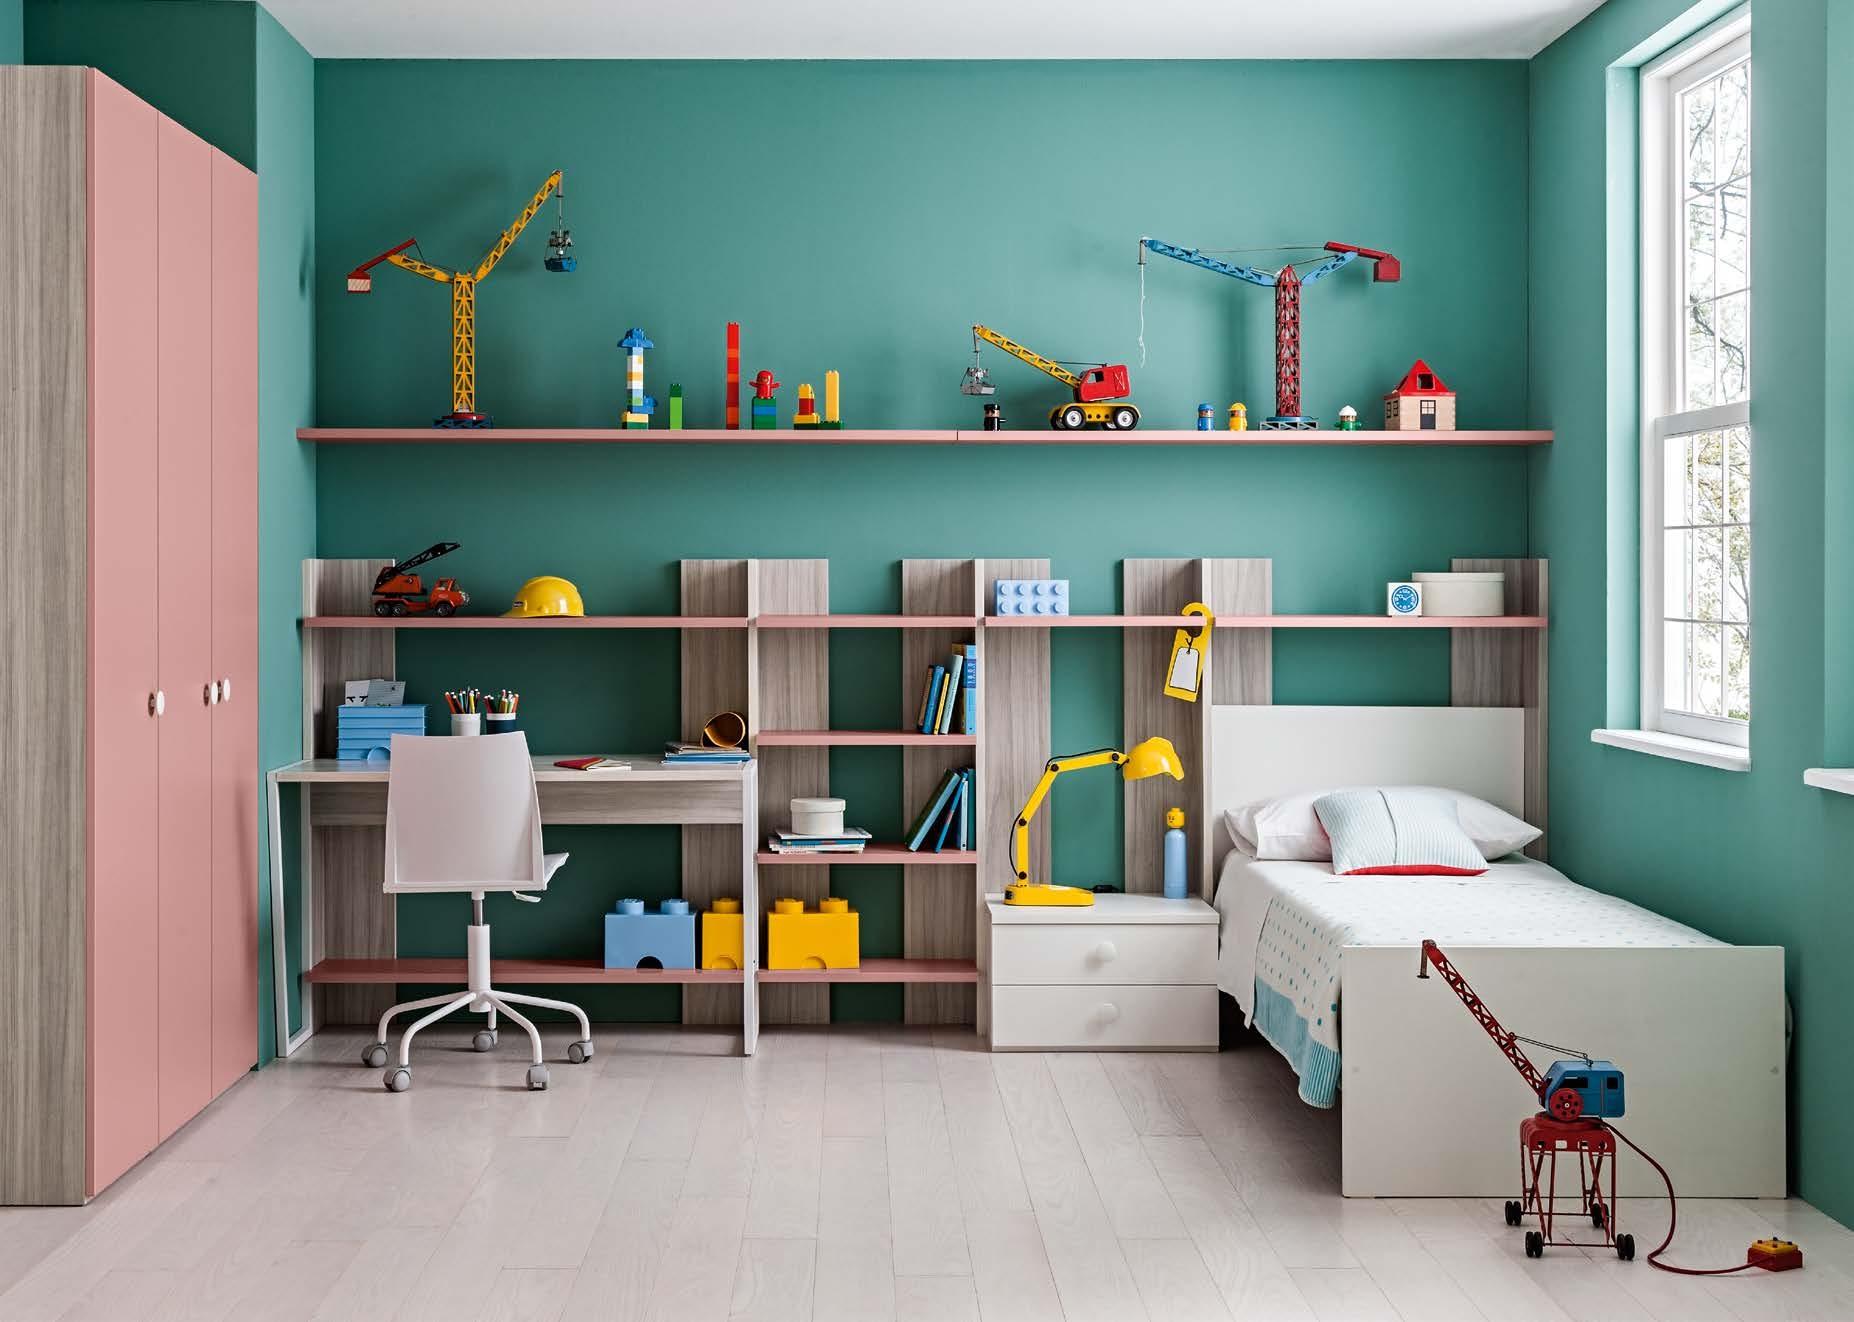 Mobile libreria per bambini i bambini kids bookcase libreria scaffali organizer display - Scrivanie camerette ikea ...